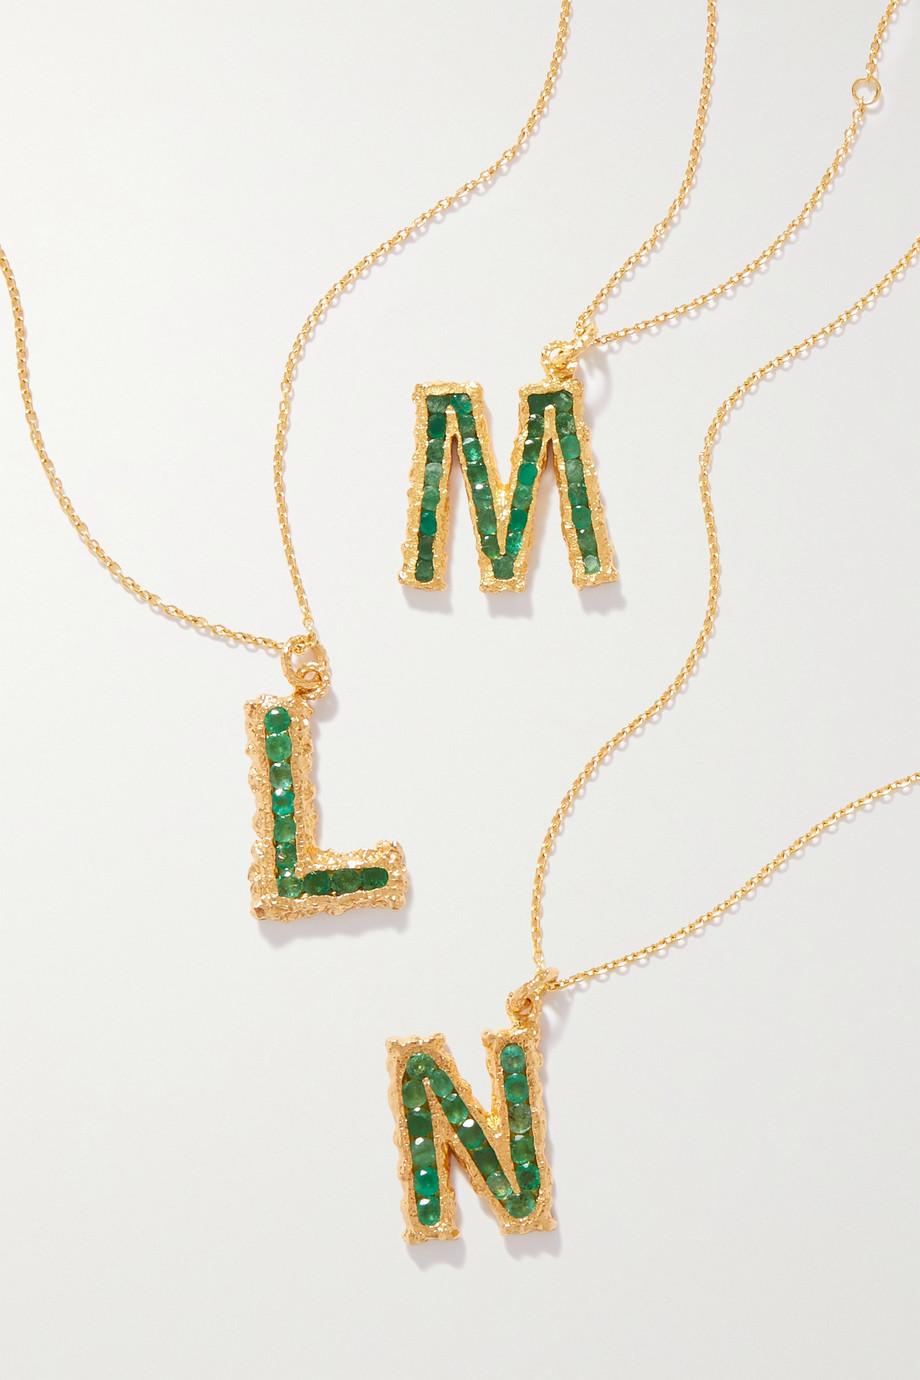 Pacharee Alphabet vergoldete Kette mit Smaragden